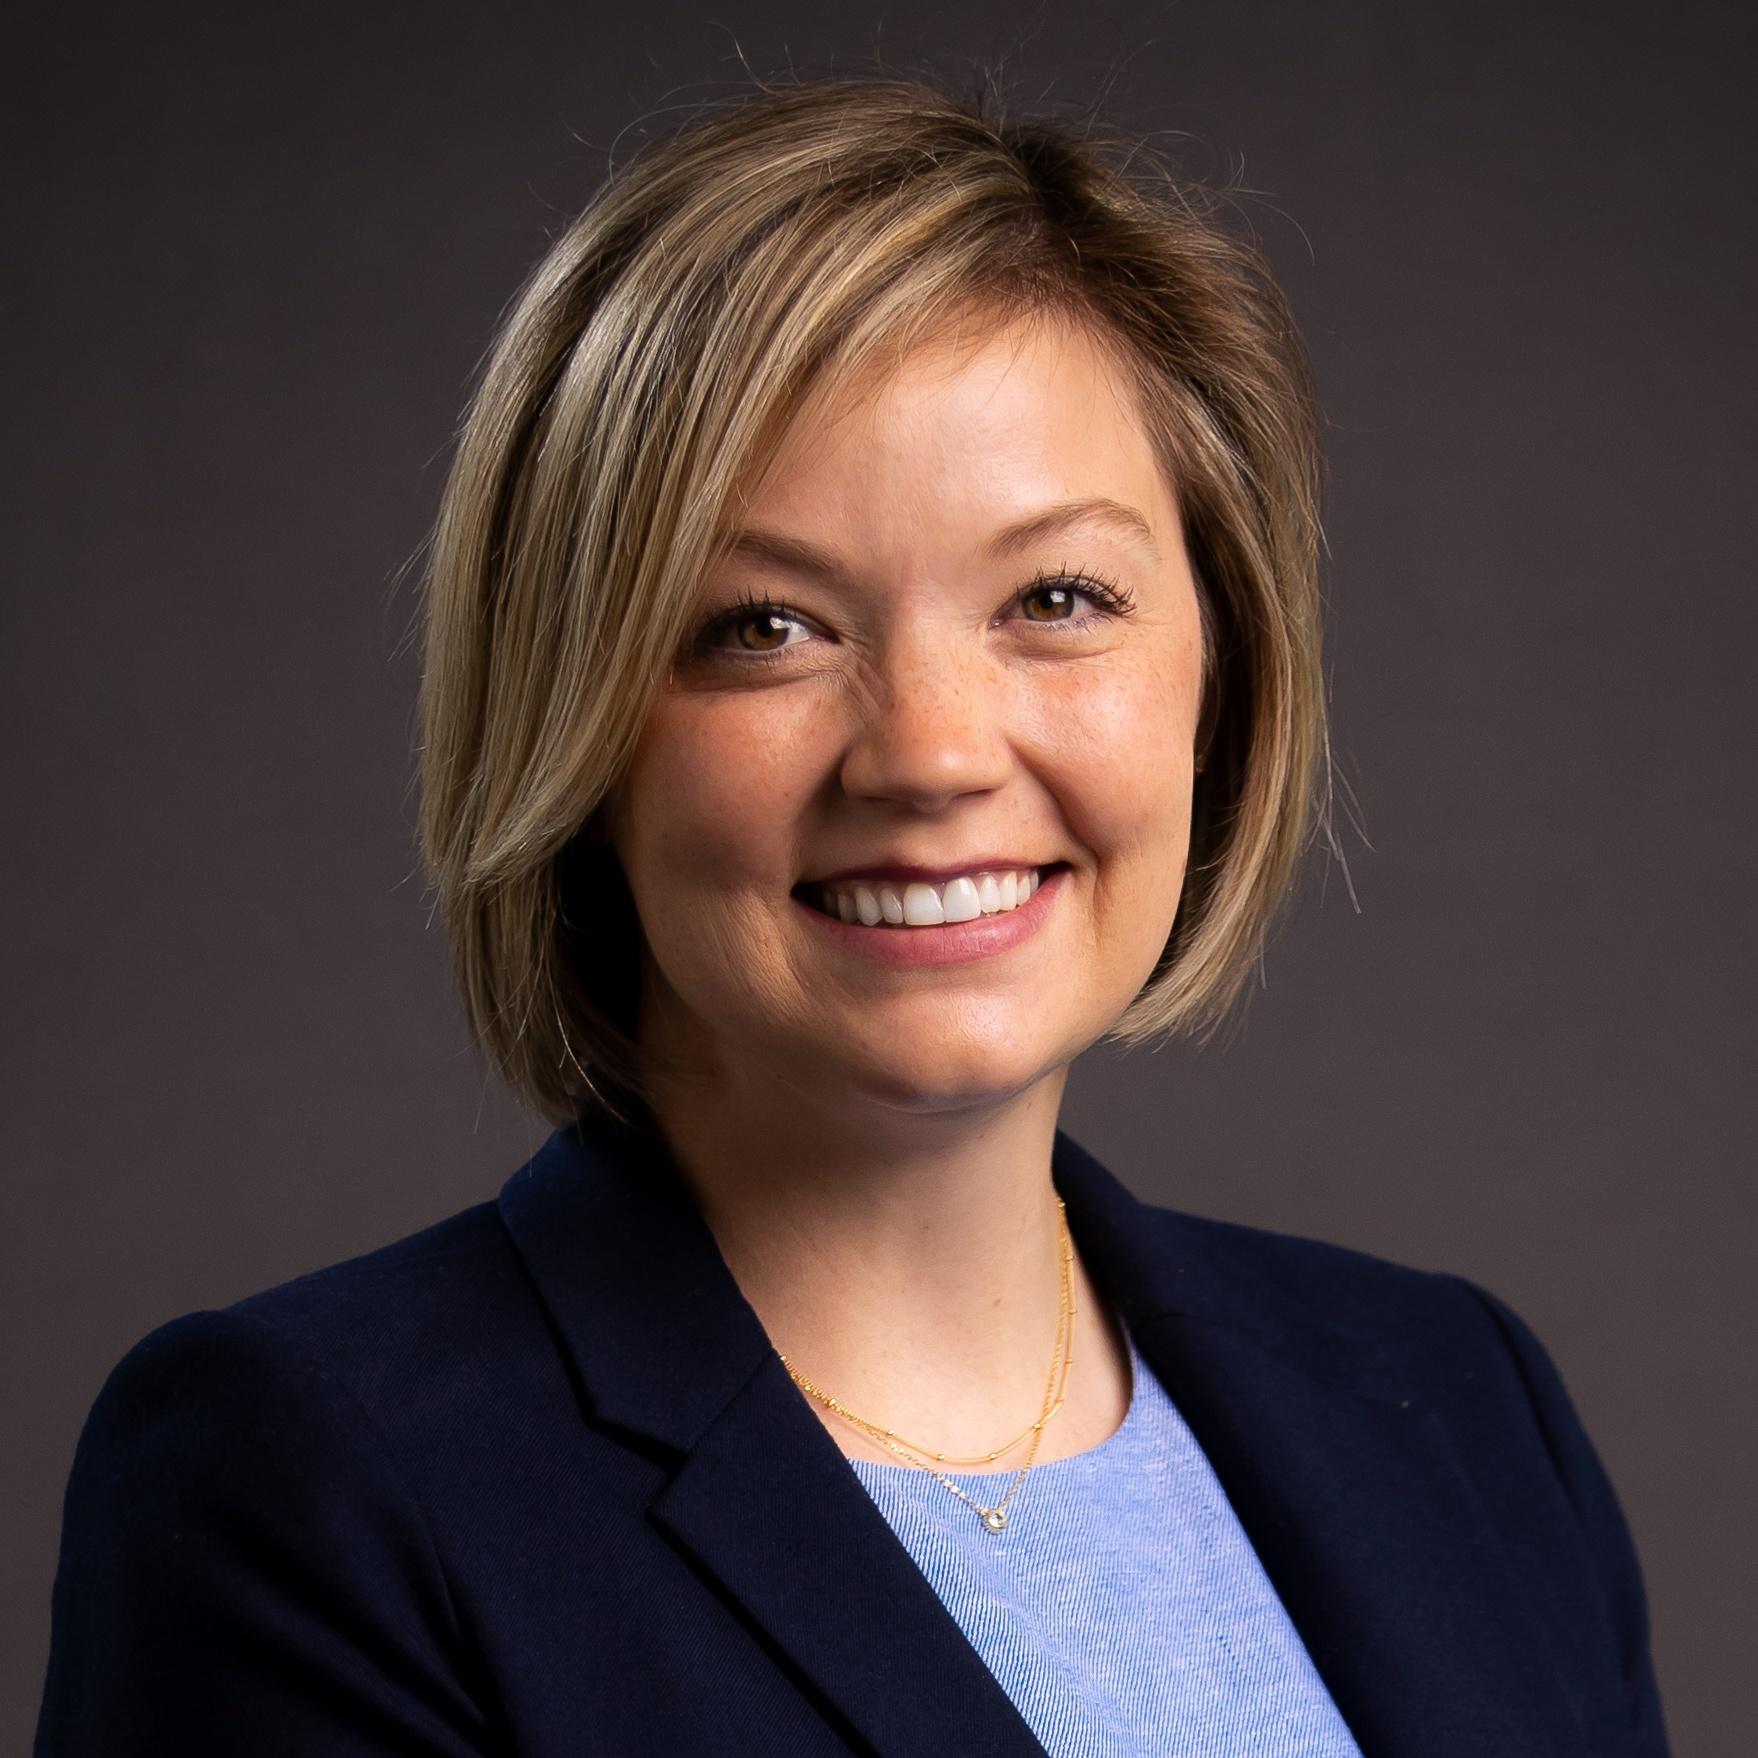 Executive Mary Lucas